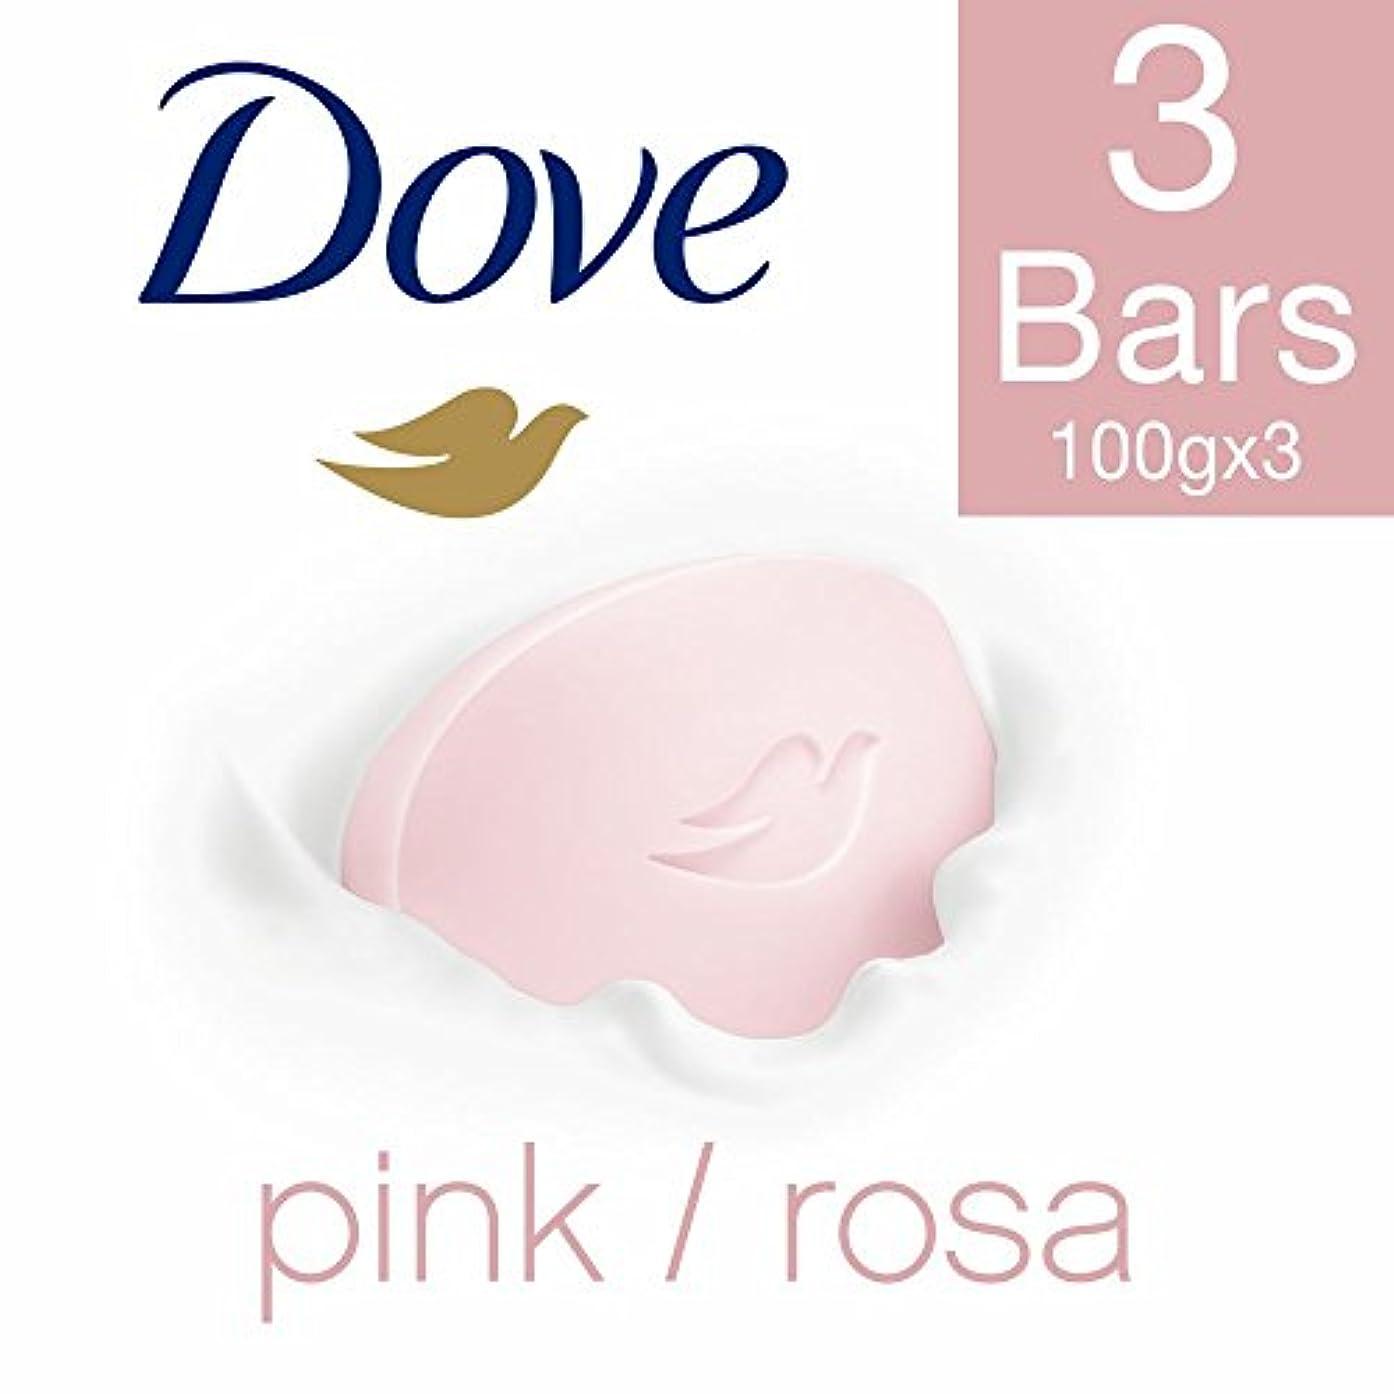 区別するタイプライター準備するDove Pink Rosa Beauty Bathing Bar, 100g (Pack of 3)